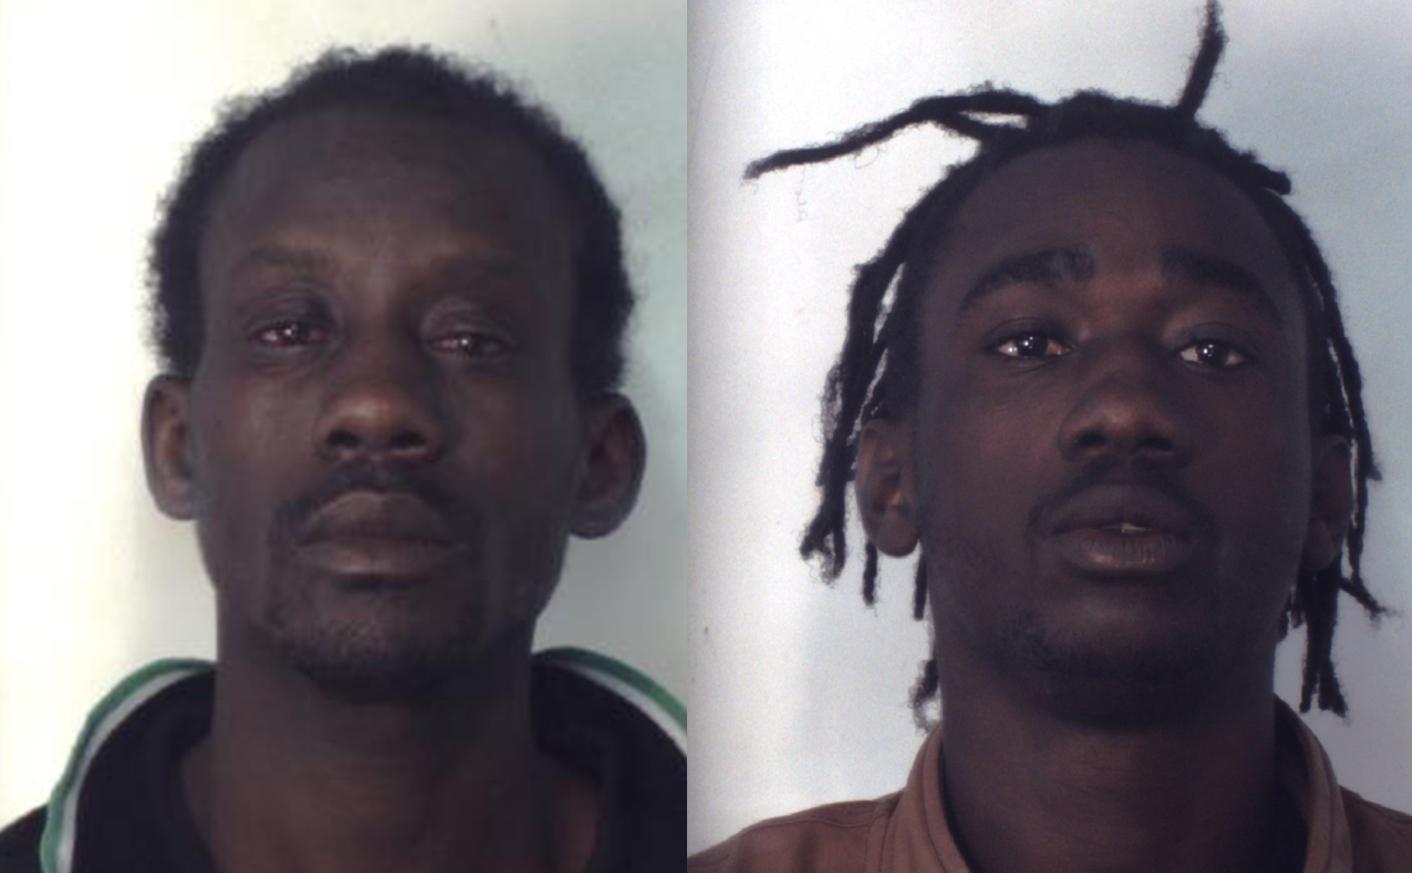 Bloccati due presunti spacciatori stranieri a San Berillo a Catania